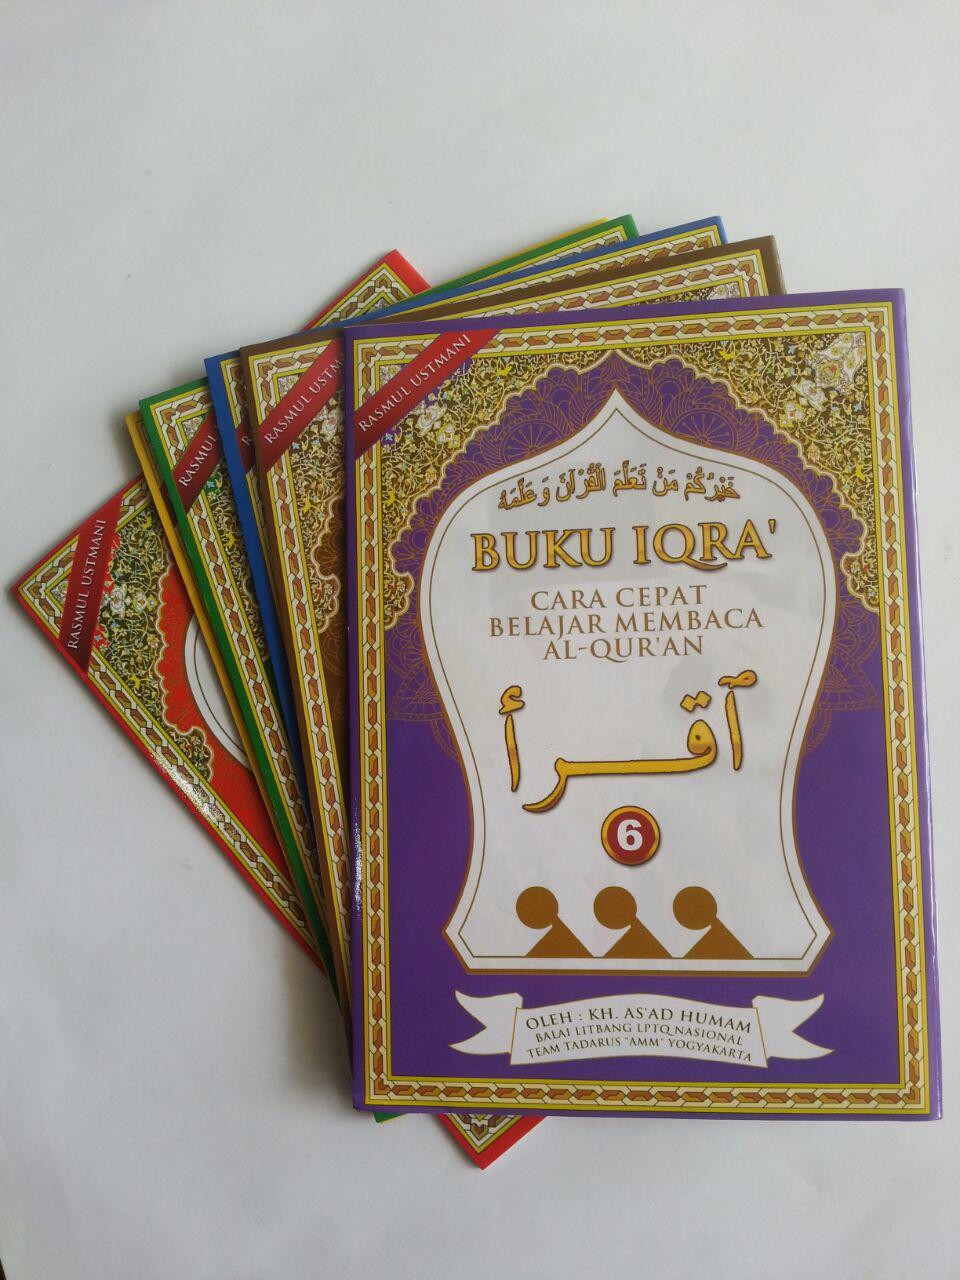 Buku Iqro Cara Cepat Belajar Membaca Qur'an Rasmul Utsmani A5 Set cover 2